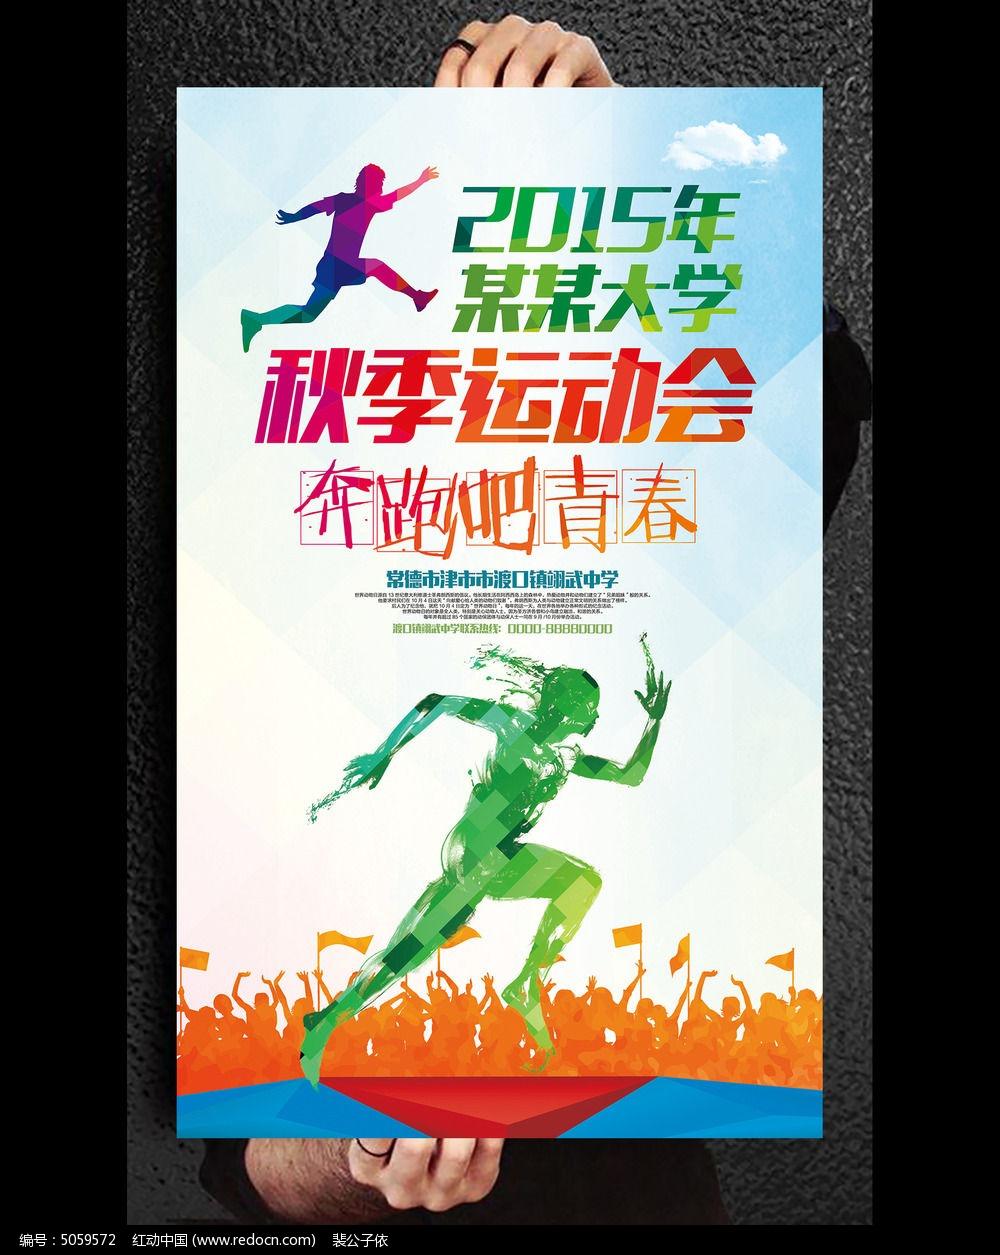 2015大学生秋季运动会海报设计